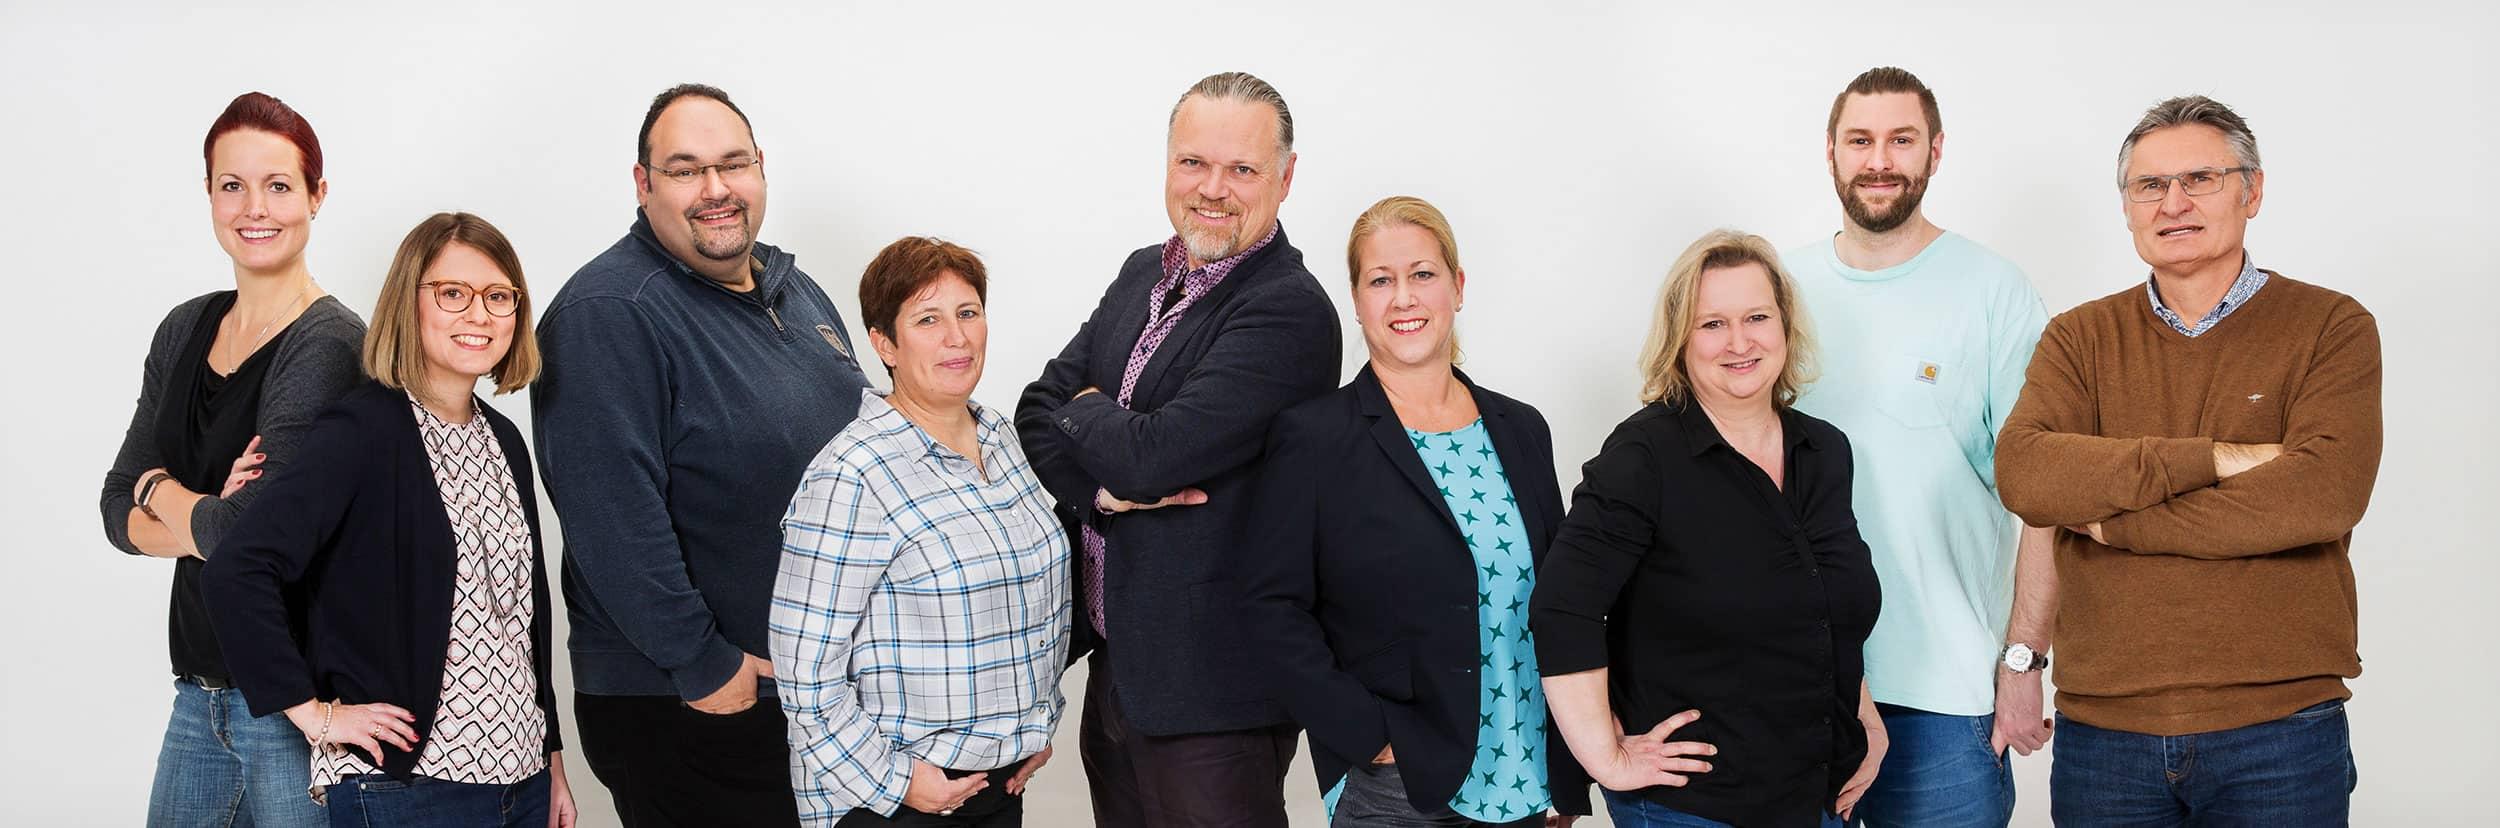 Über uns - Teamfoto der Simplex AG